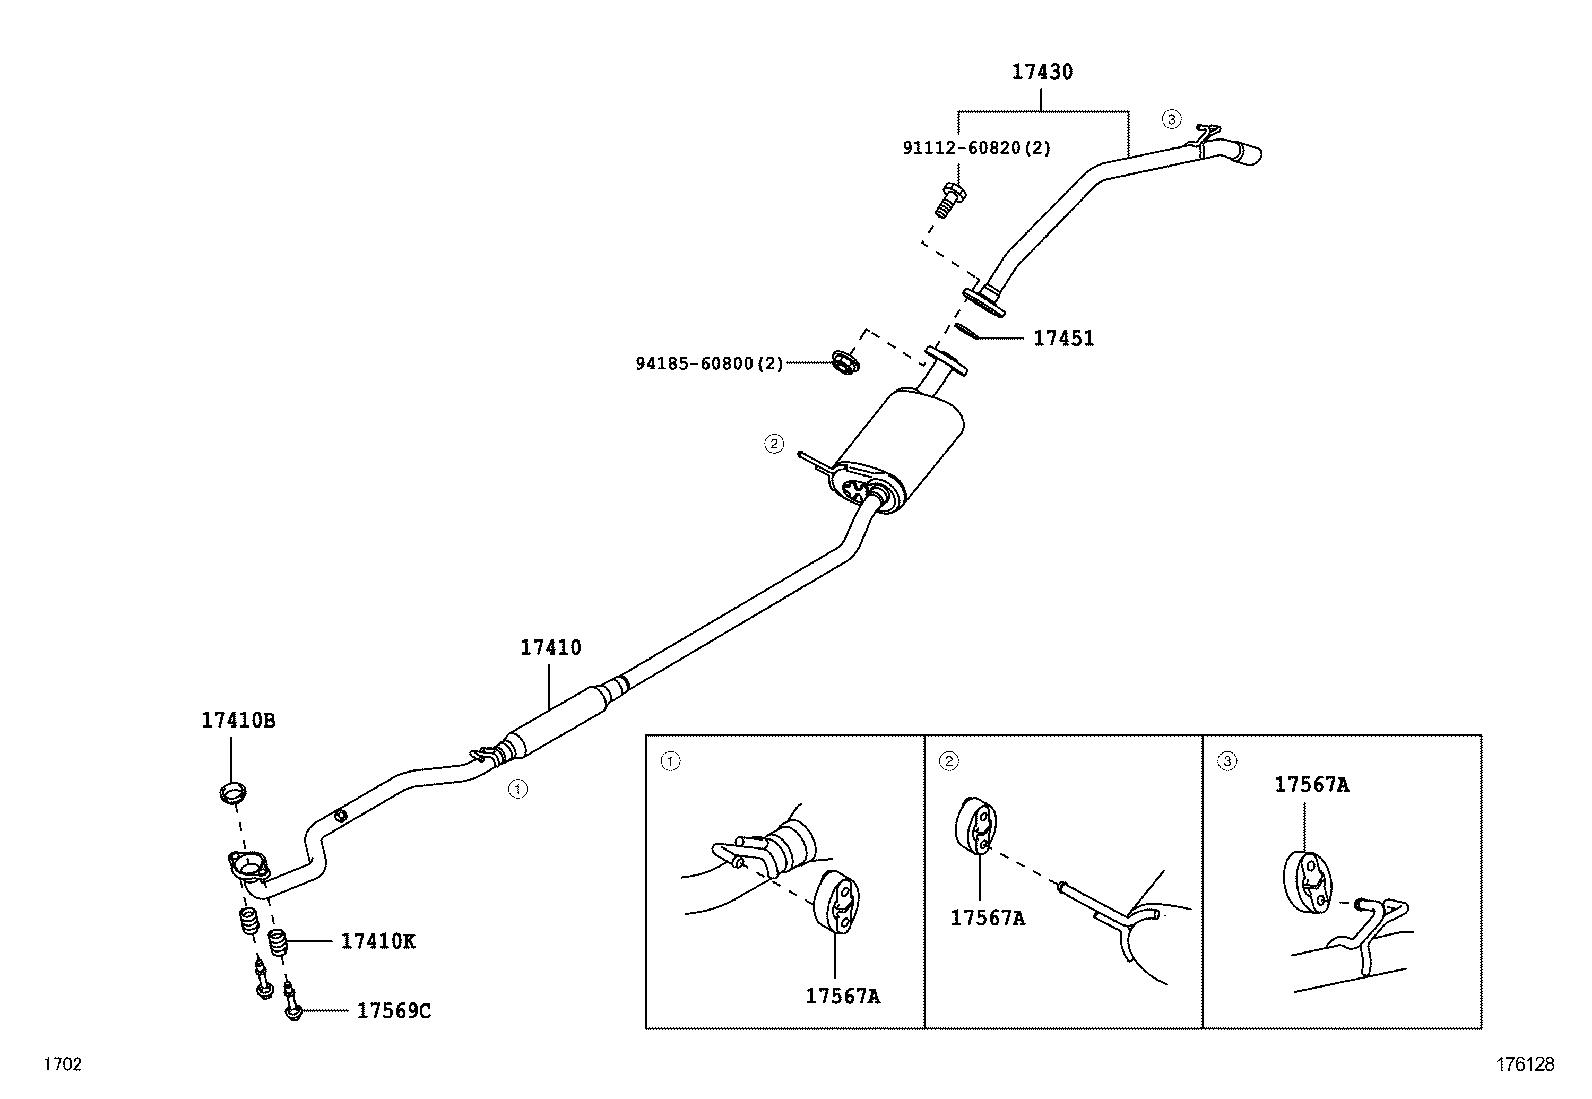 toyota passo settem502e-hqne - tool-engine-fuel